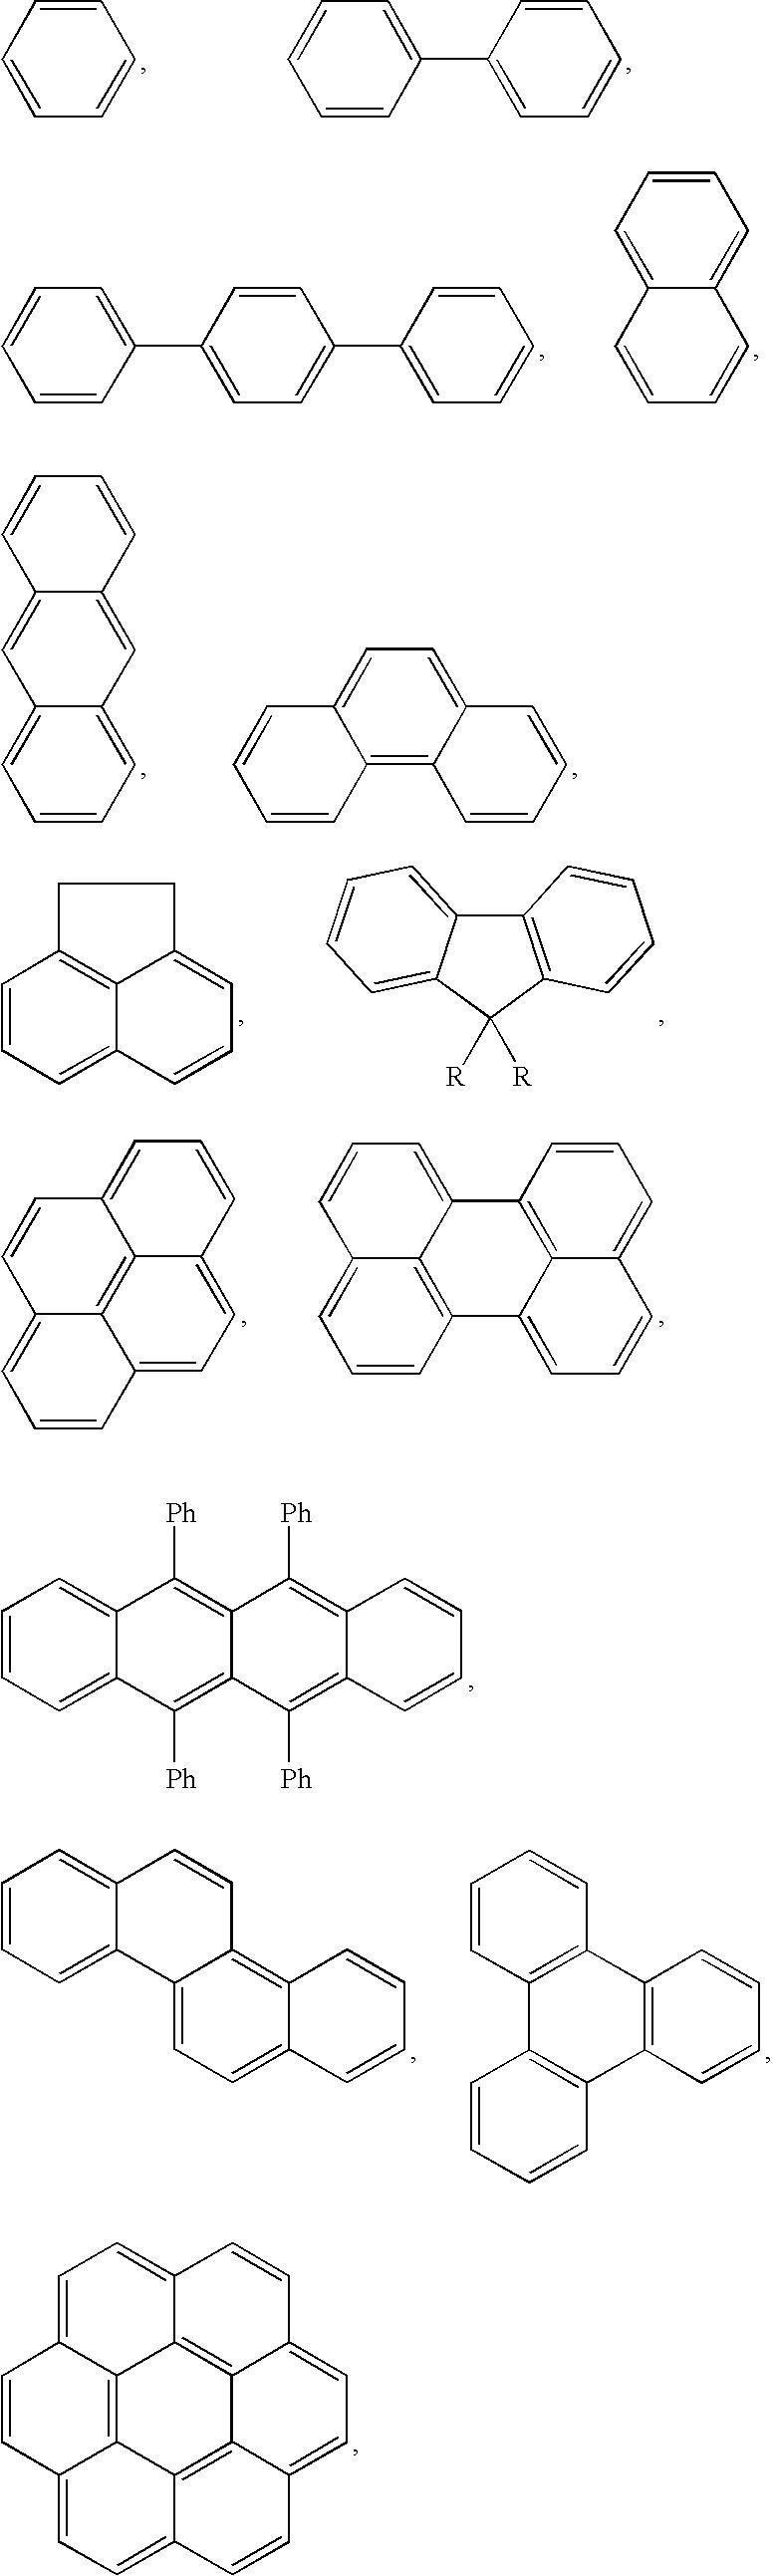 Figure US07192657-20070320-C00084